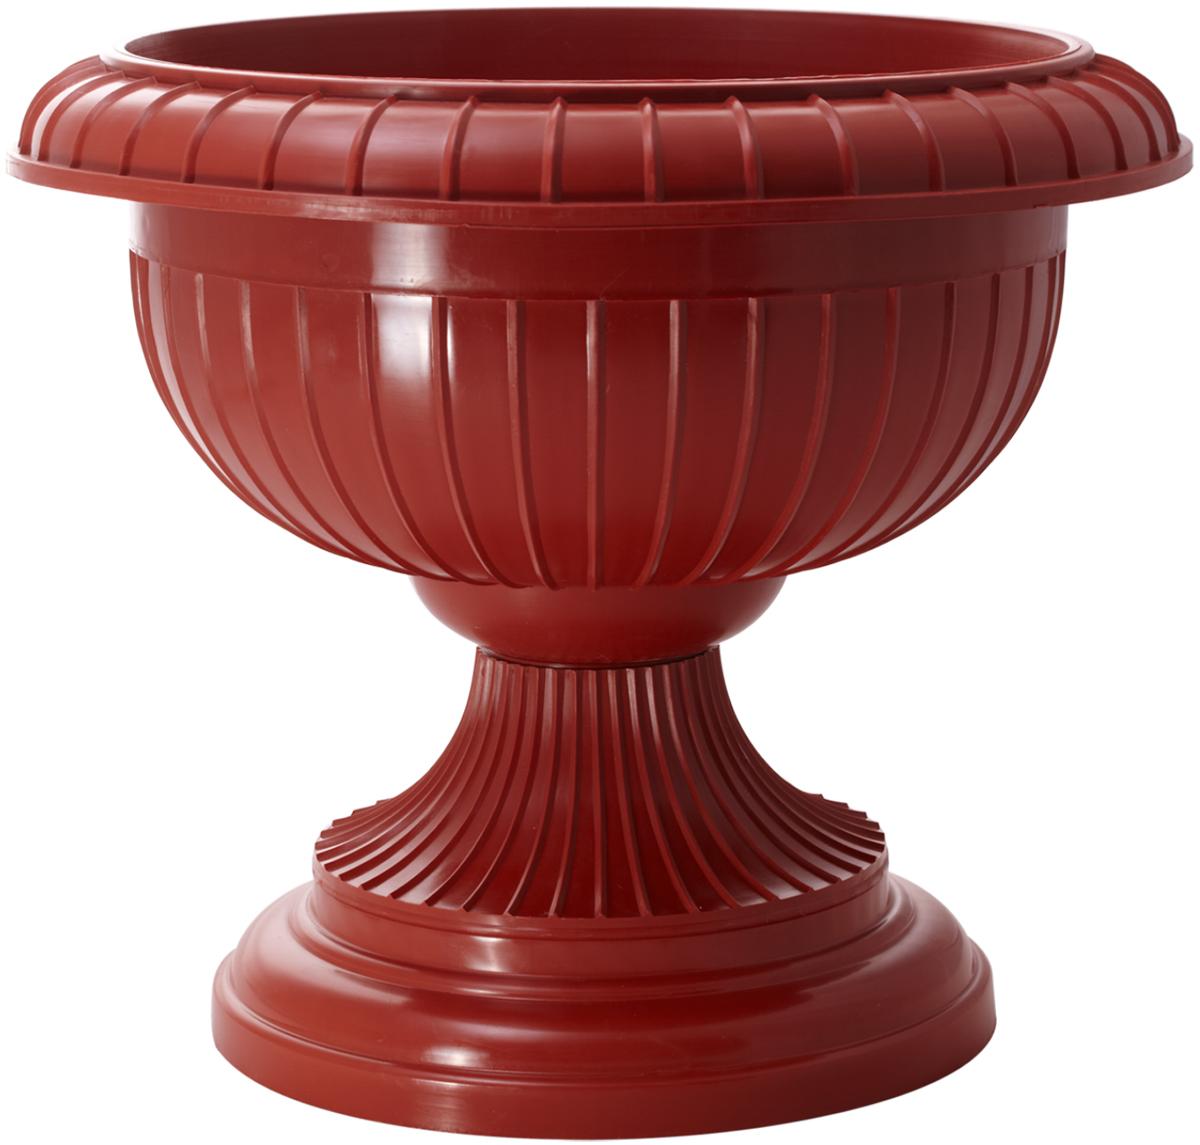 Фото - Вазон InGreen, цвет: терракотовый, высота 33 см вазон балконный с подставкой алеана дама 100 х 18 см терракотовый